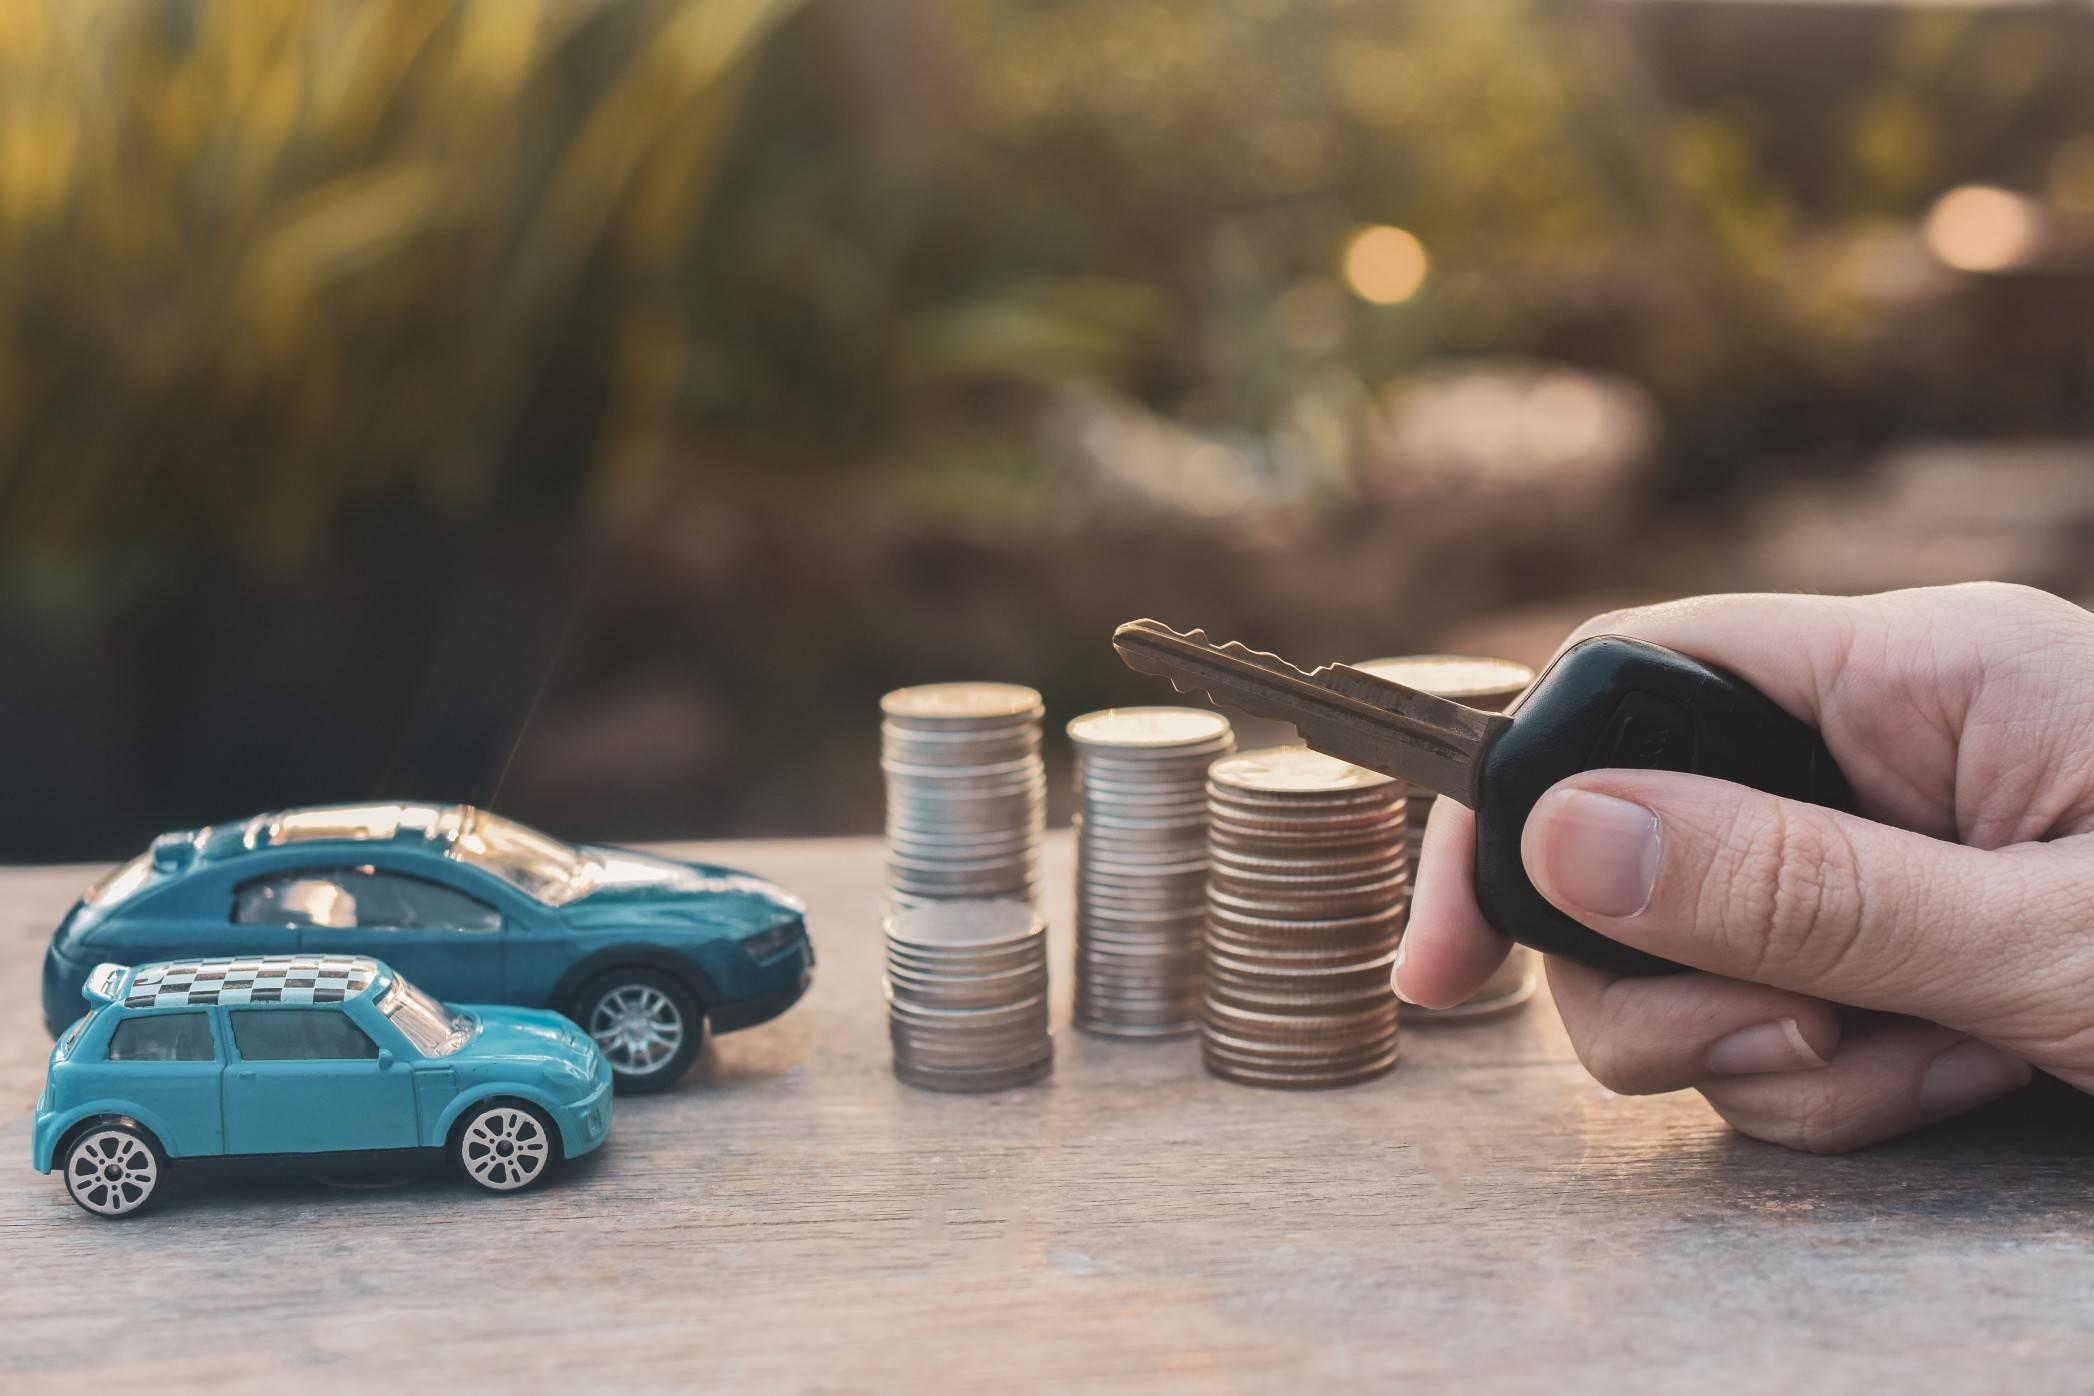 У автомобилистов появилась возможность сэкономить на полисе ОСАГО